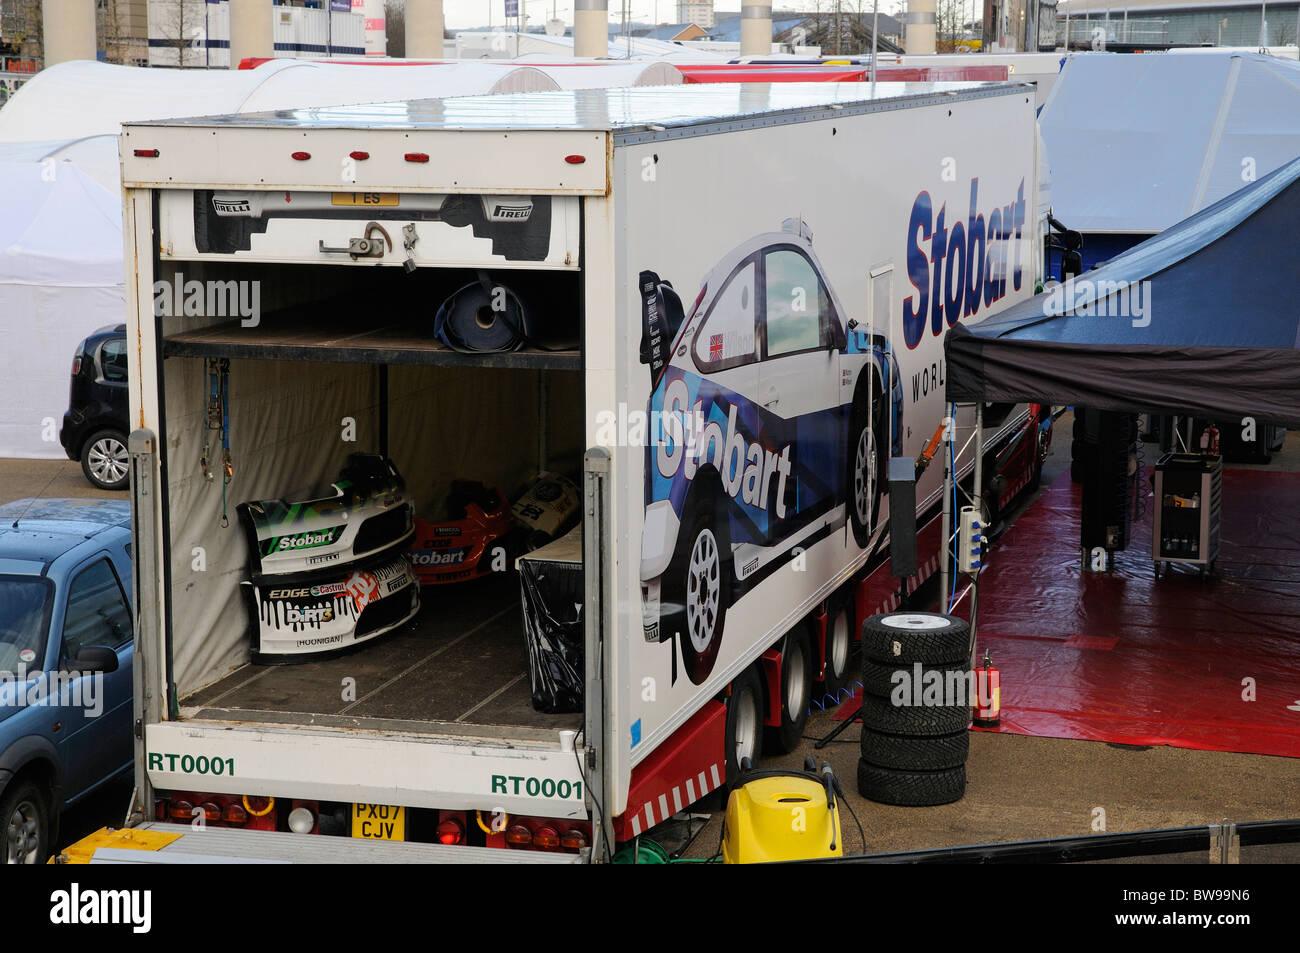 El piloto de Stobart motor sport carretilla con piezas de automóviles almacenados dentro Imagen De Stock